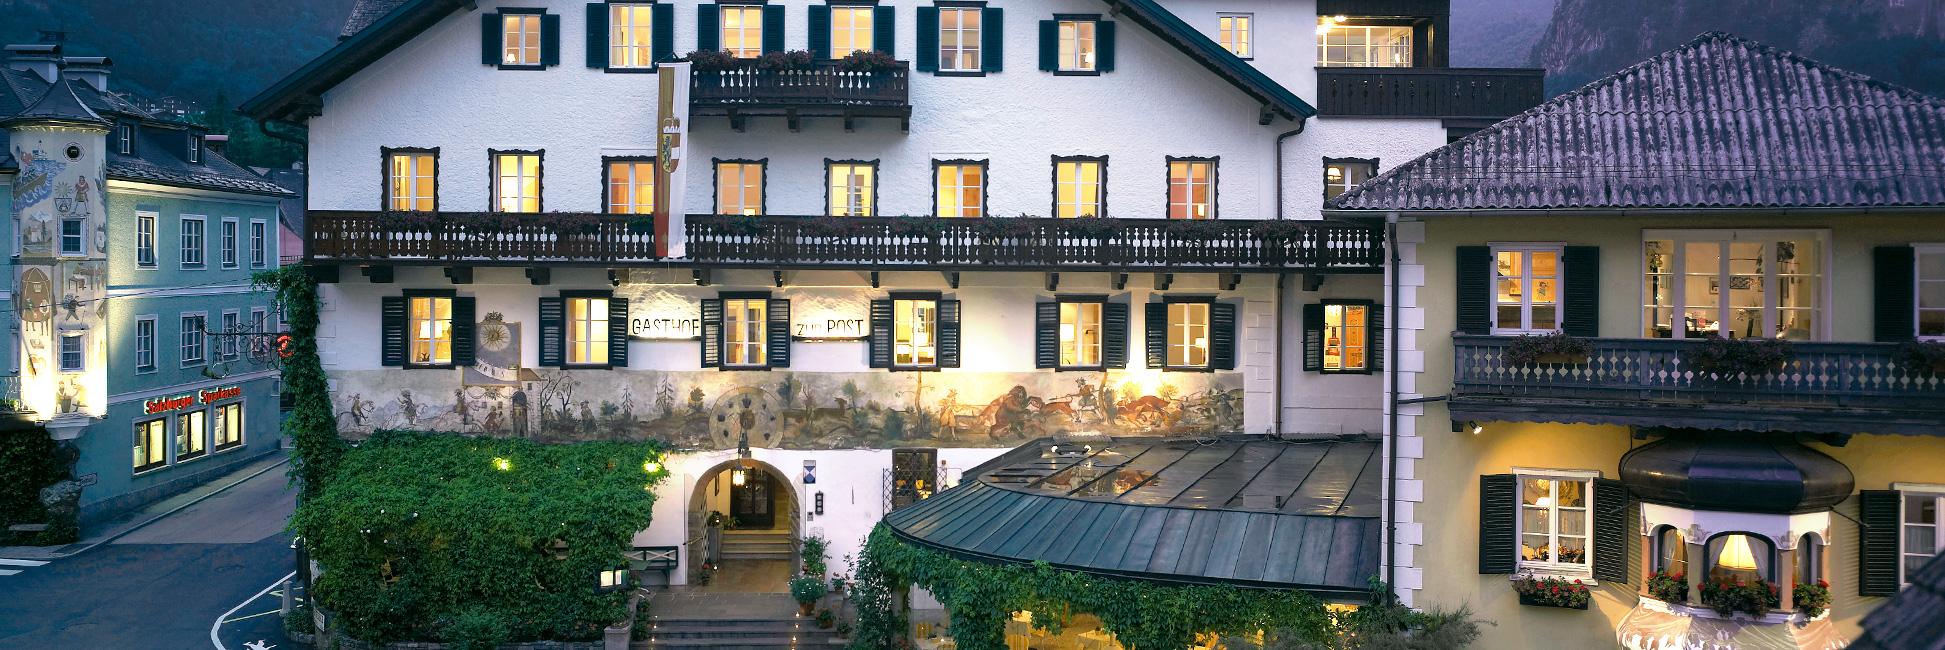 Hotel Gasthof zur Post Aussenansicht Abend